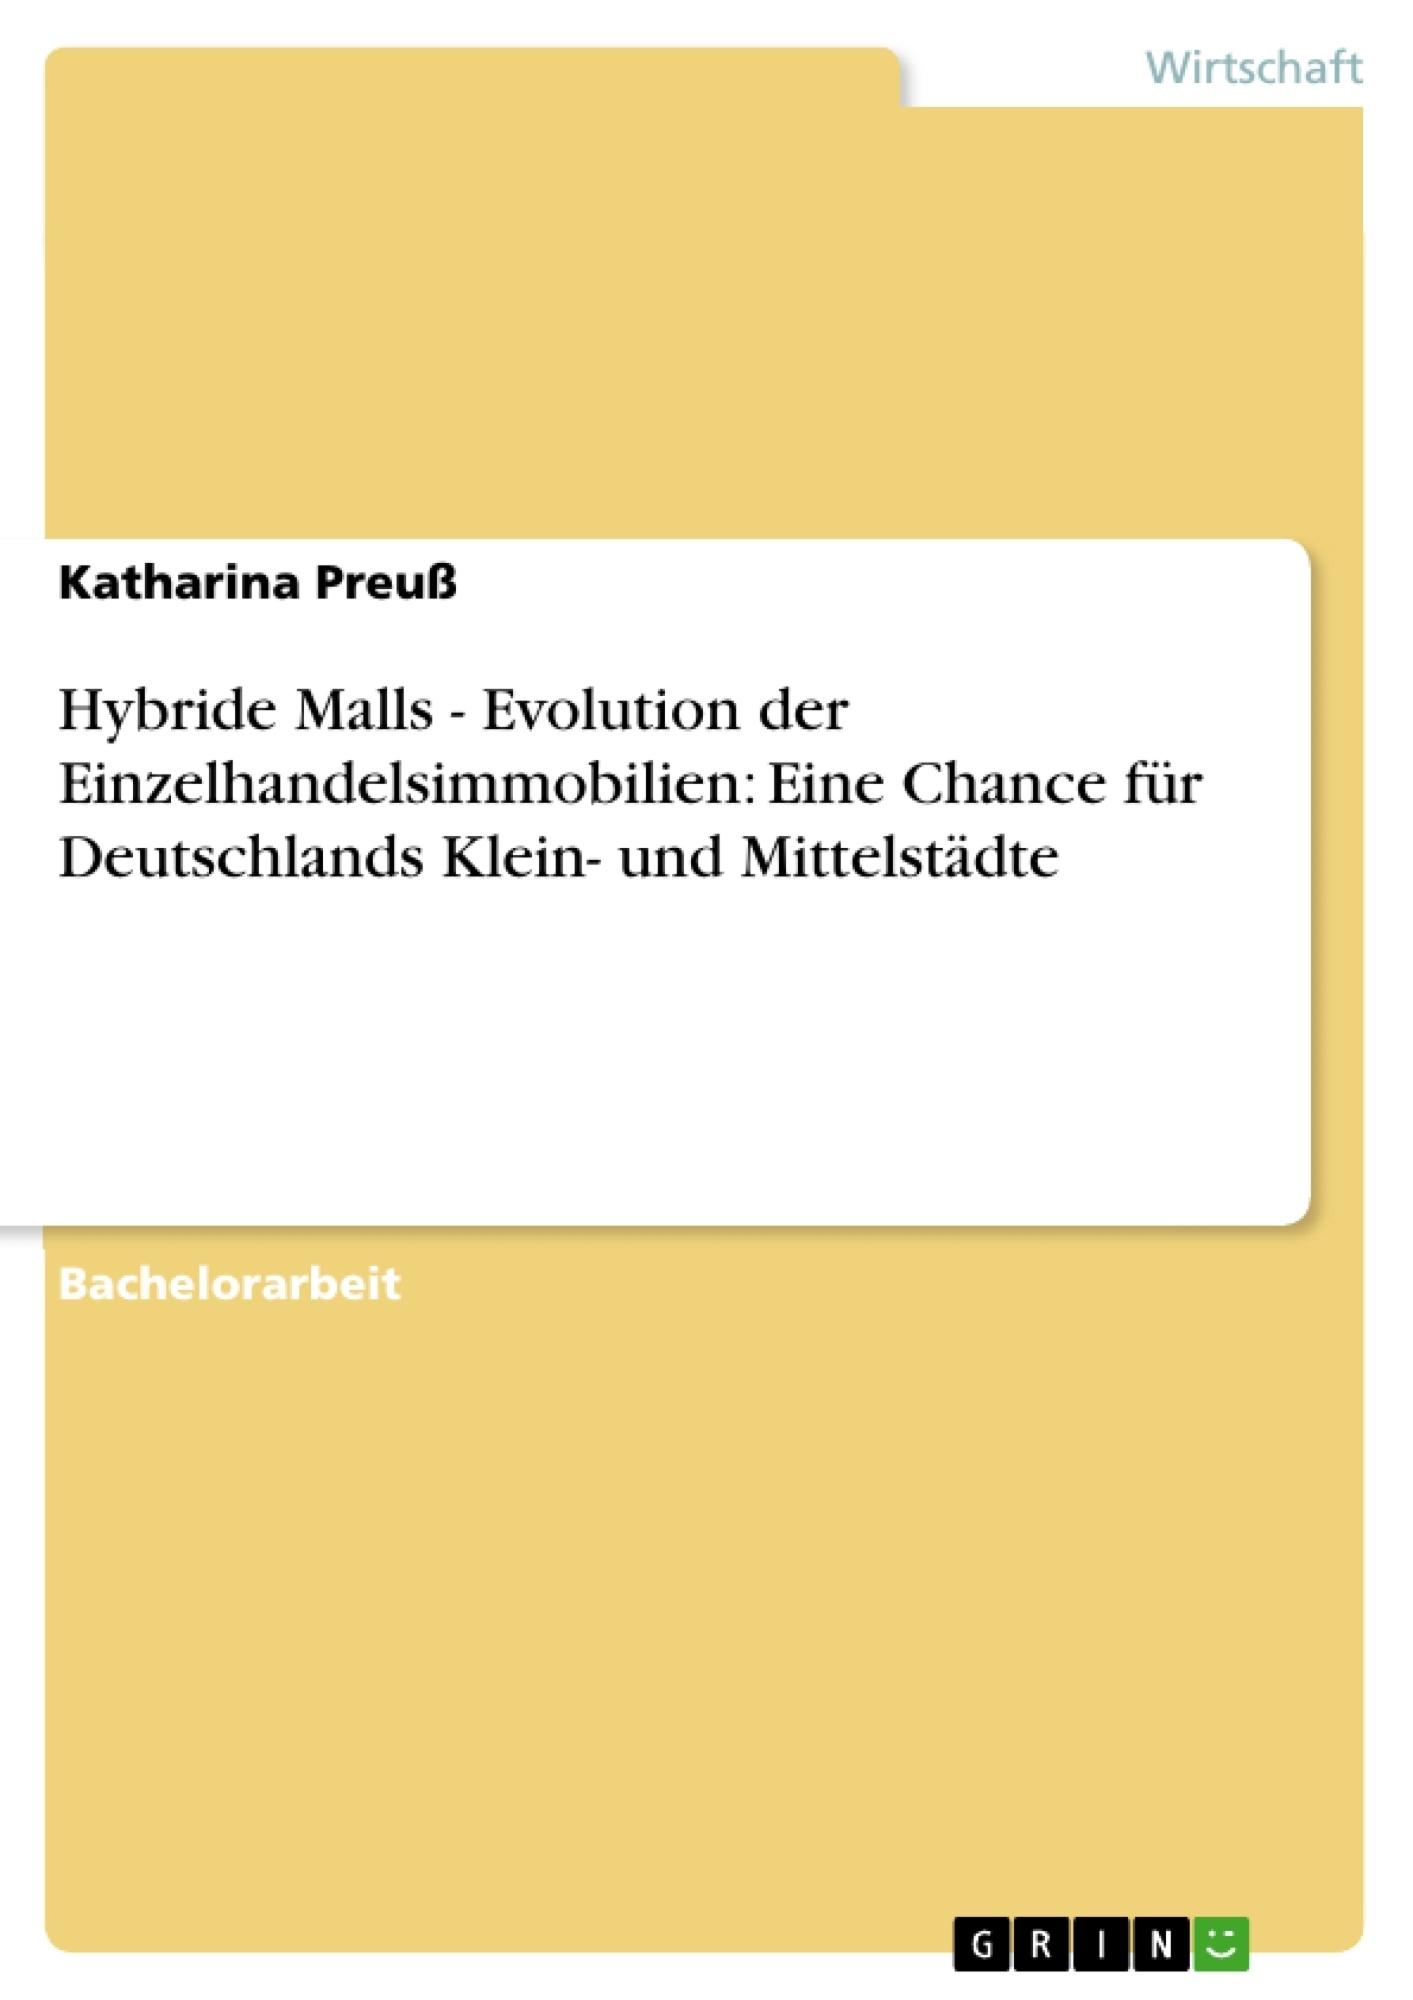 Titel: Hybride Malls - Evolution der Einzelhandelsimmobilien: Eine Chance für Deutschlands Klein- und Mittelstädte